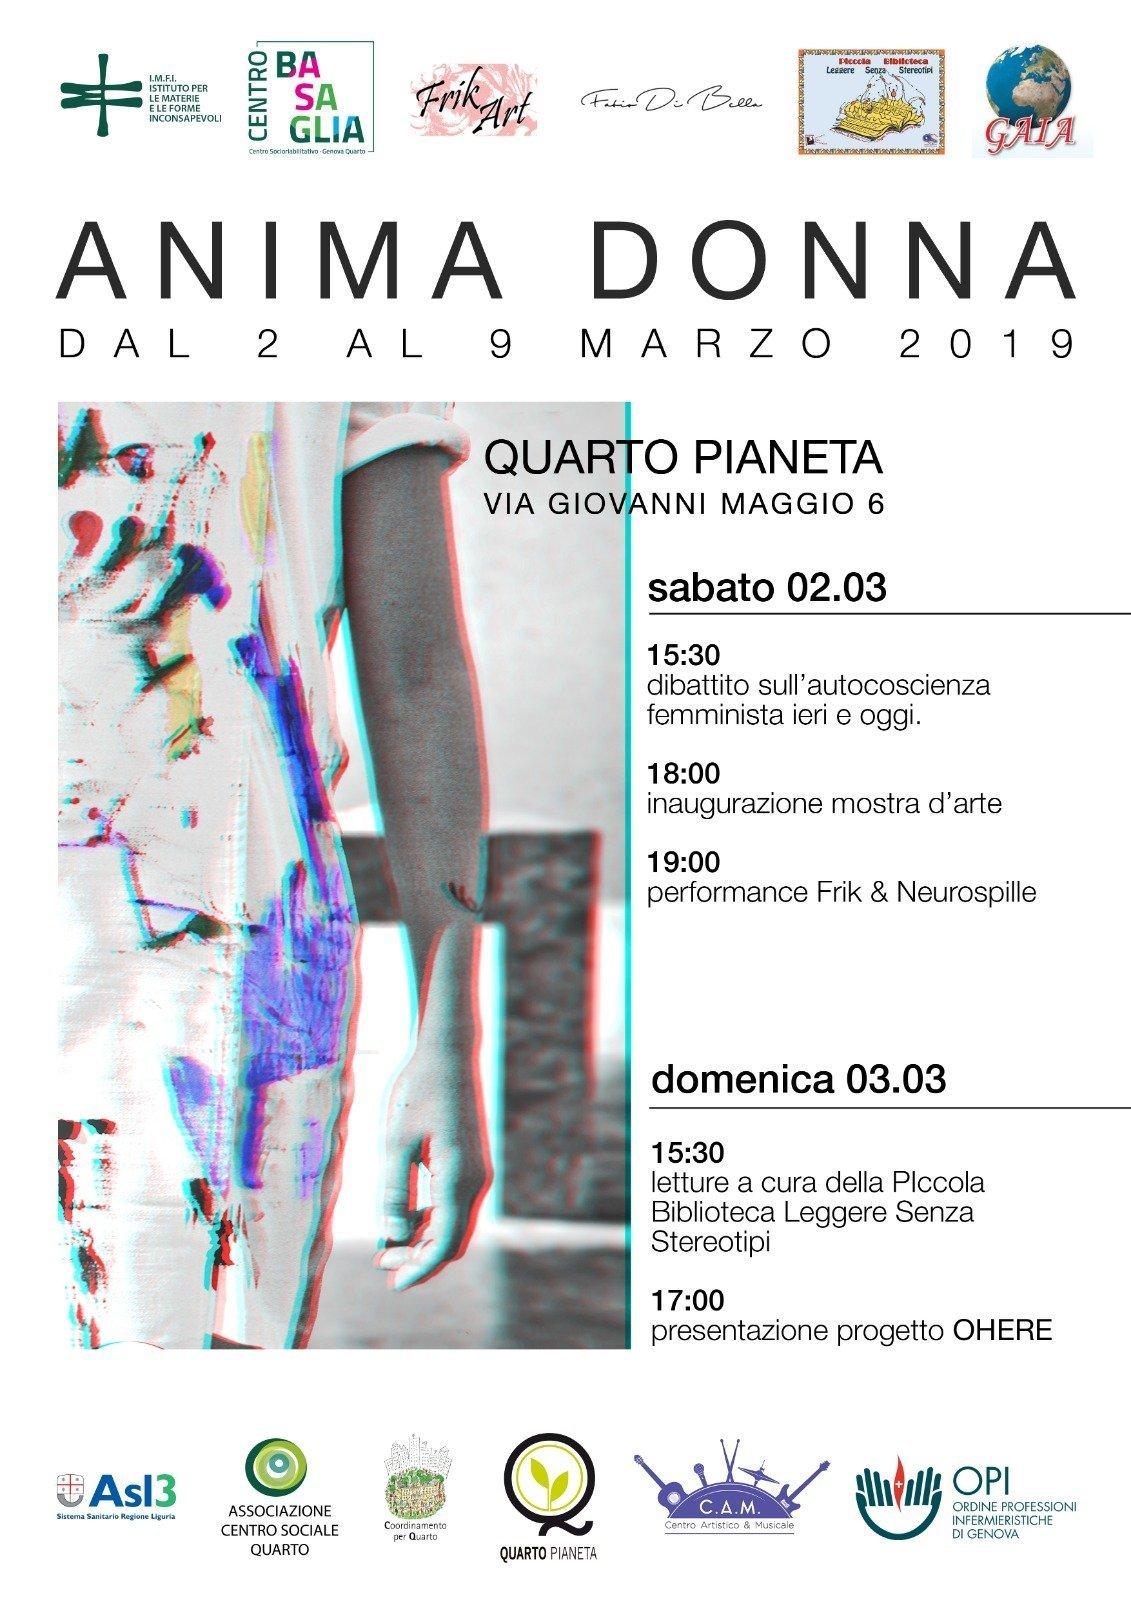 """Il progetto Ohere presentato a Genova nell'evento """"Anima Donna"""""""